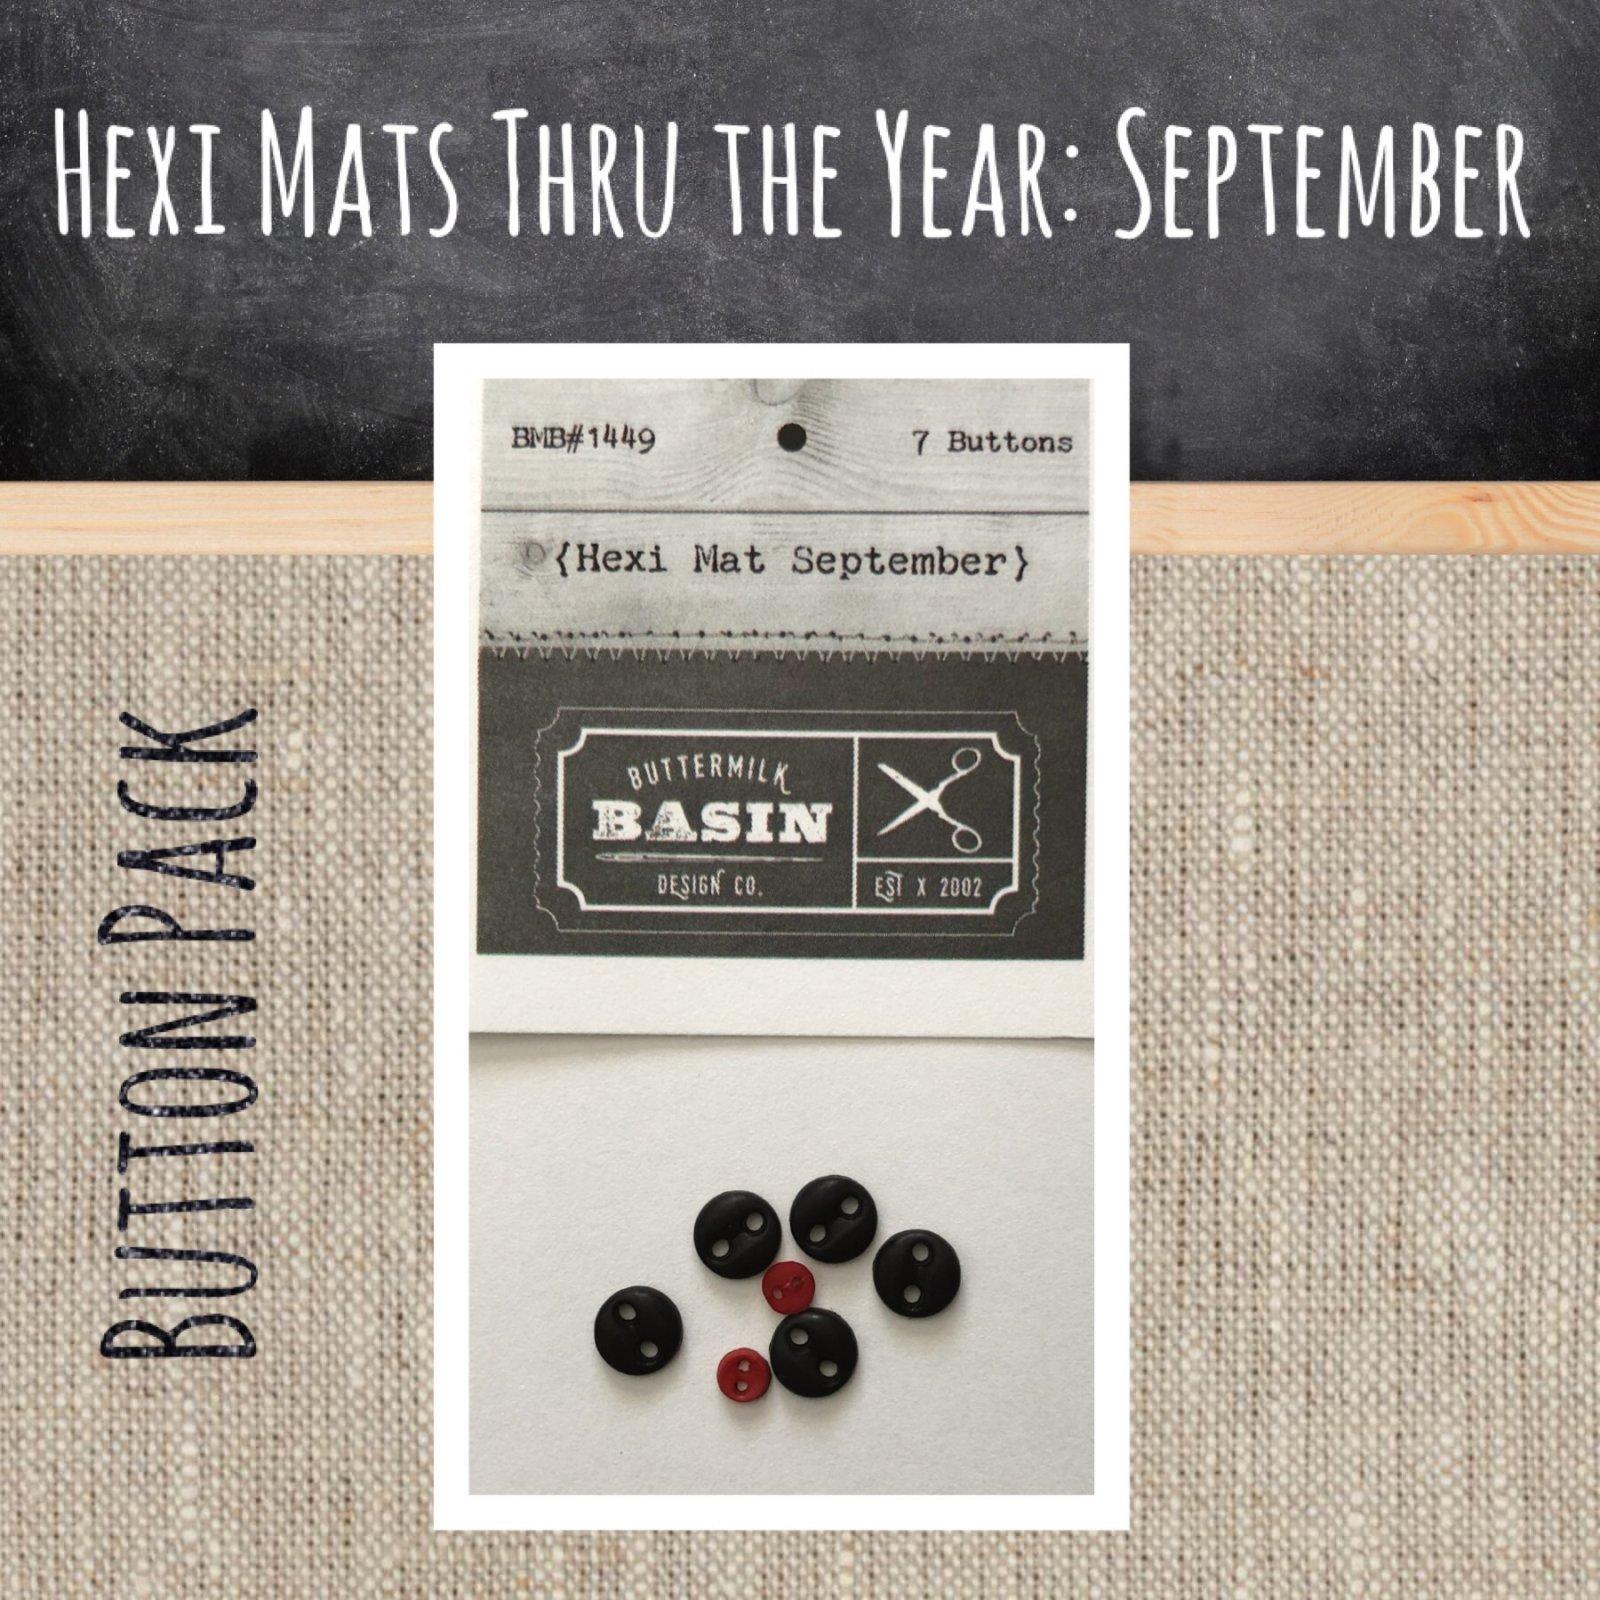 Hexi Mats thru the Year * September BUTTON pack